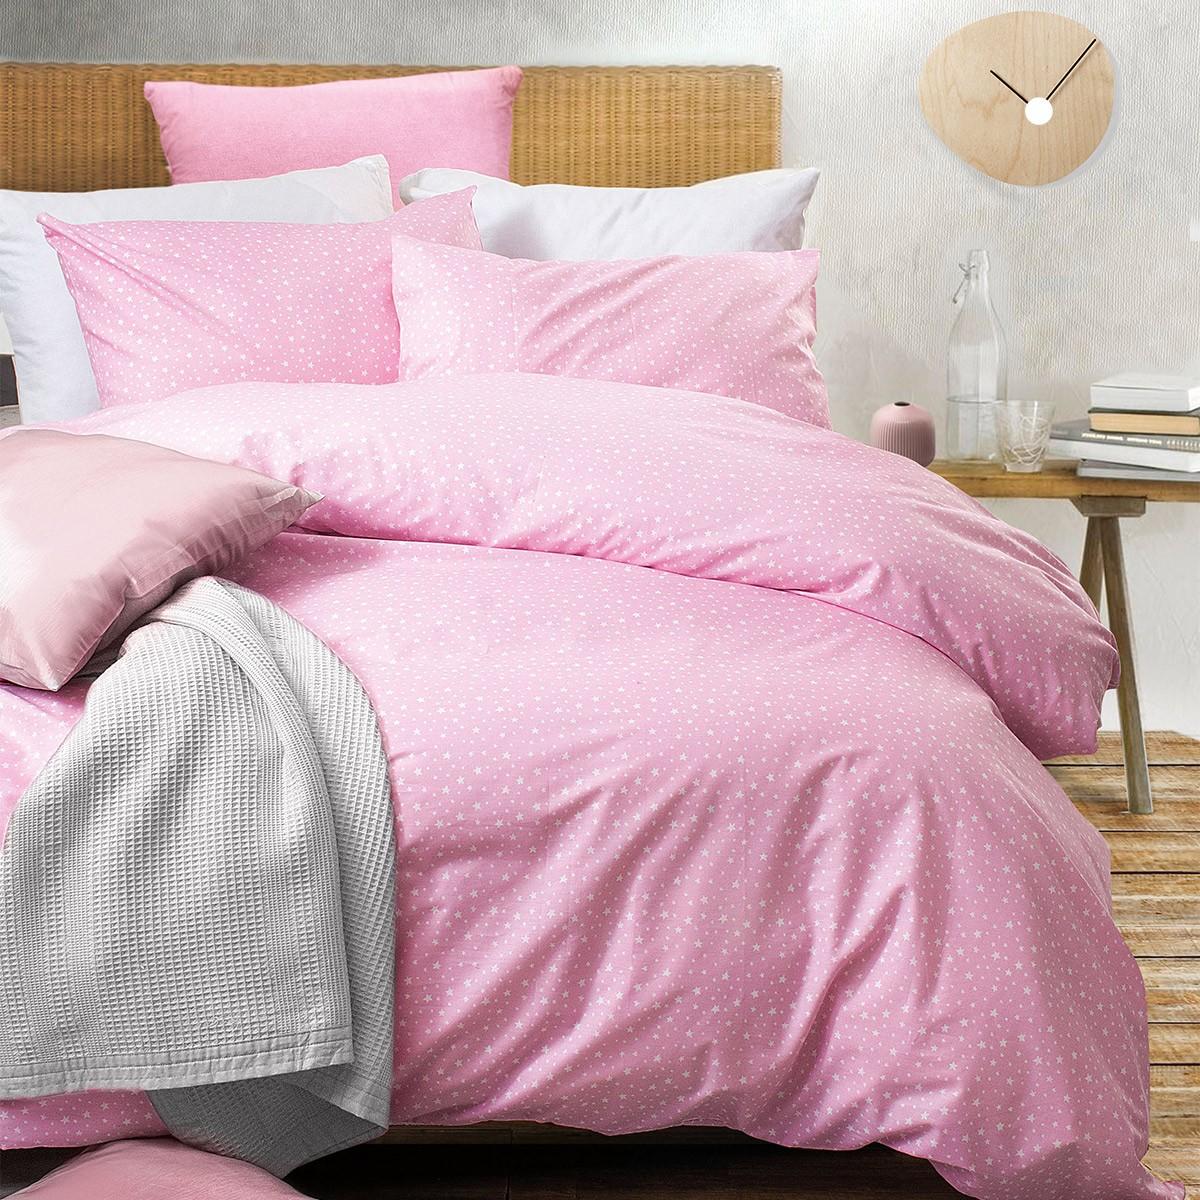 Σεντόνια Υπέρδιπλα (Σετ) Rythmos Symbol Galaxy Pink ΜΕ ΛΑΣΤΙΧΟ ΜΕ ΛΑΣΤΙΧΟ